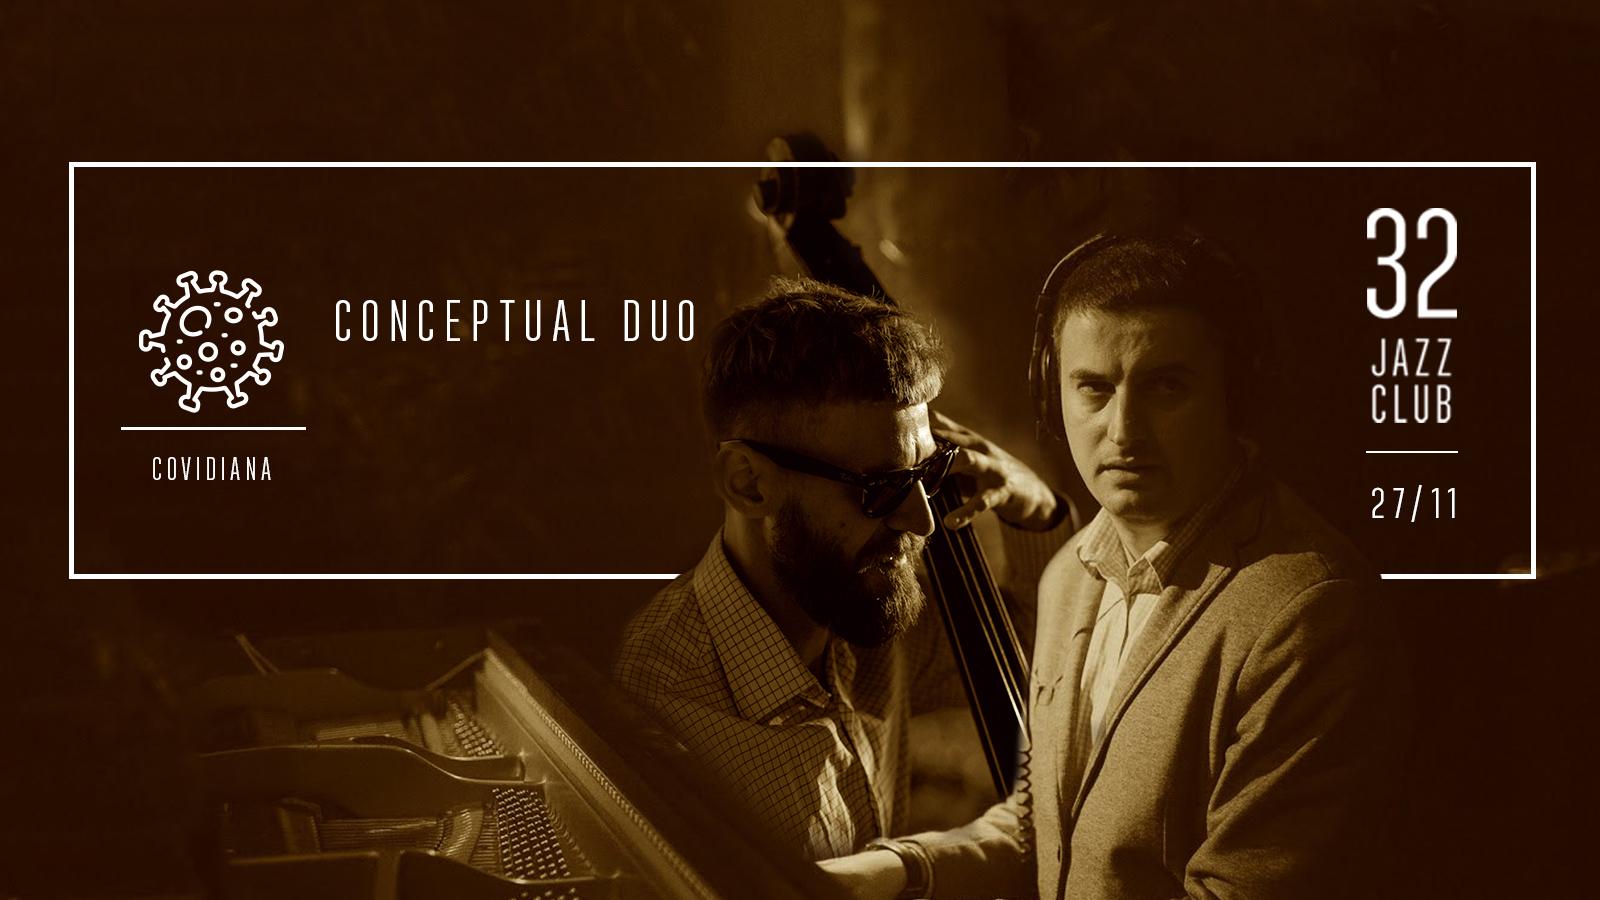 Conceptual Duo - Covidiana